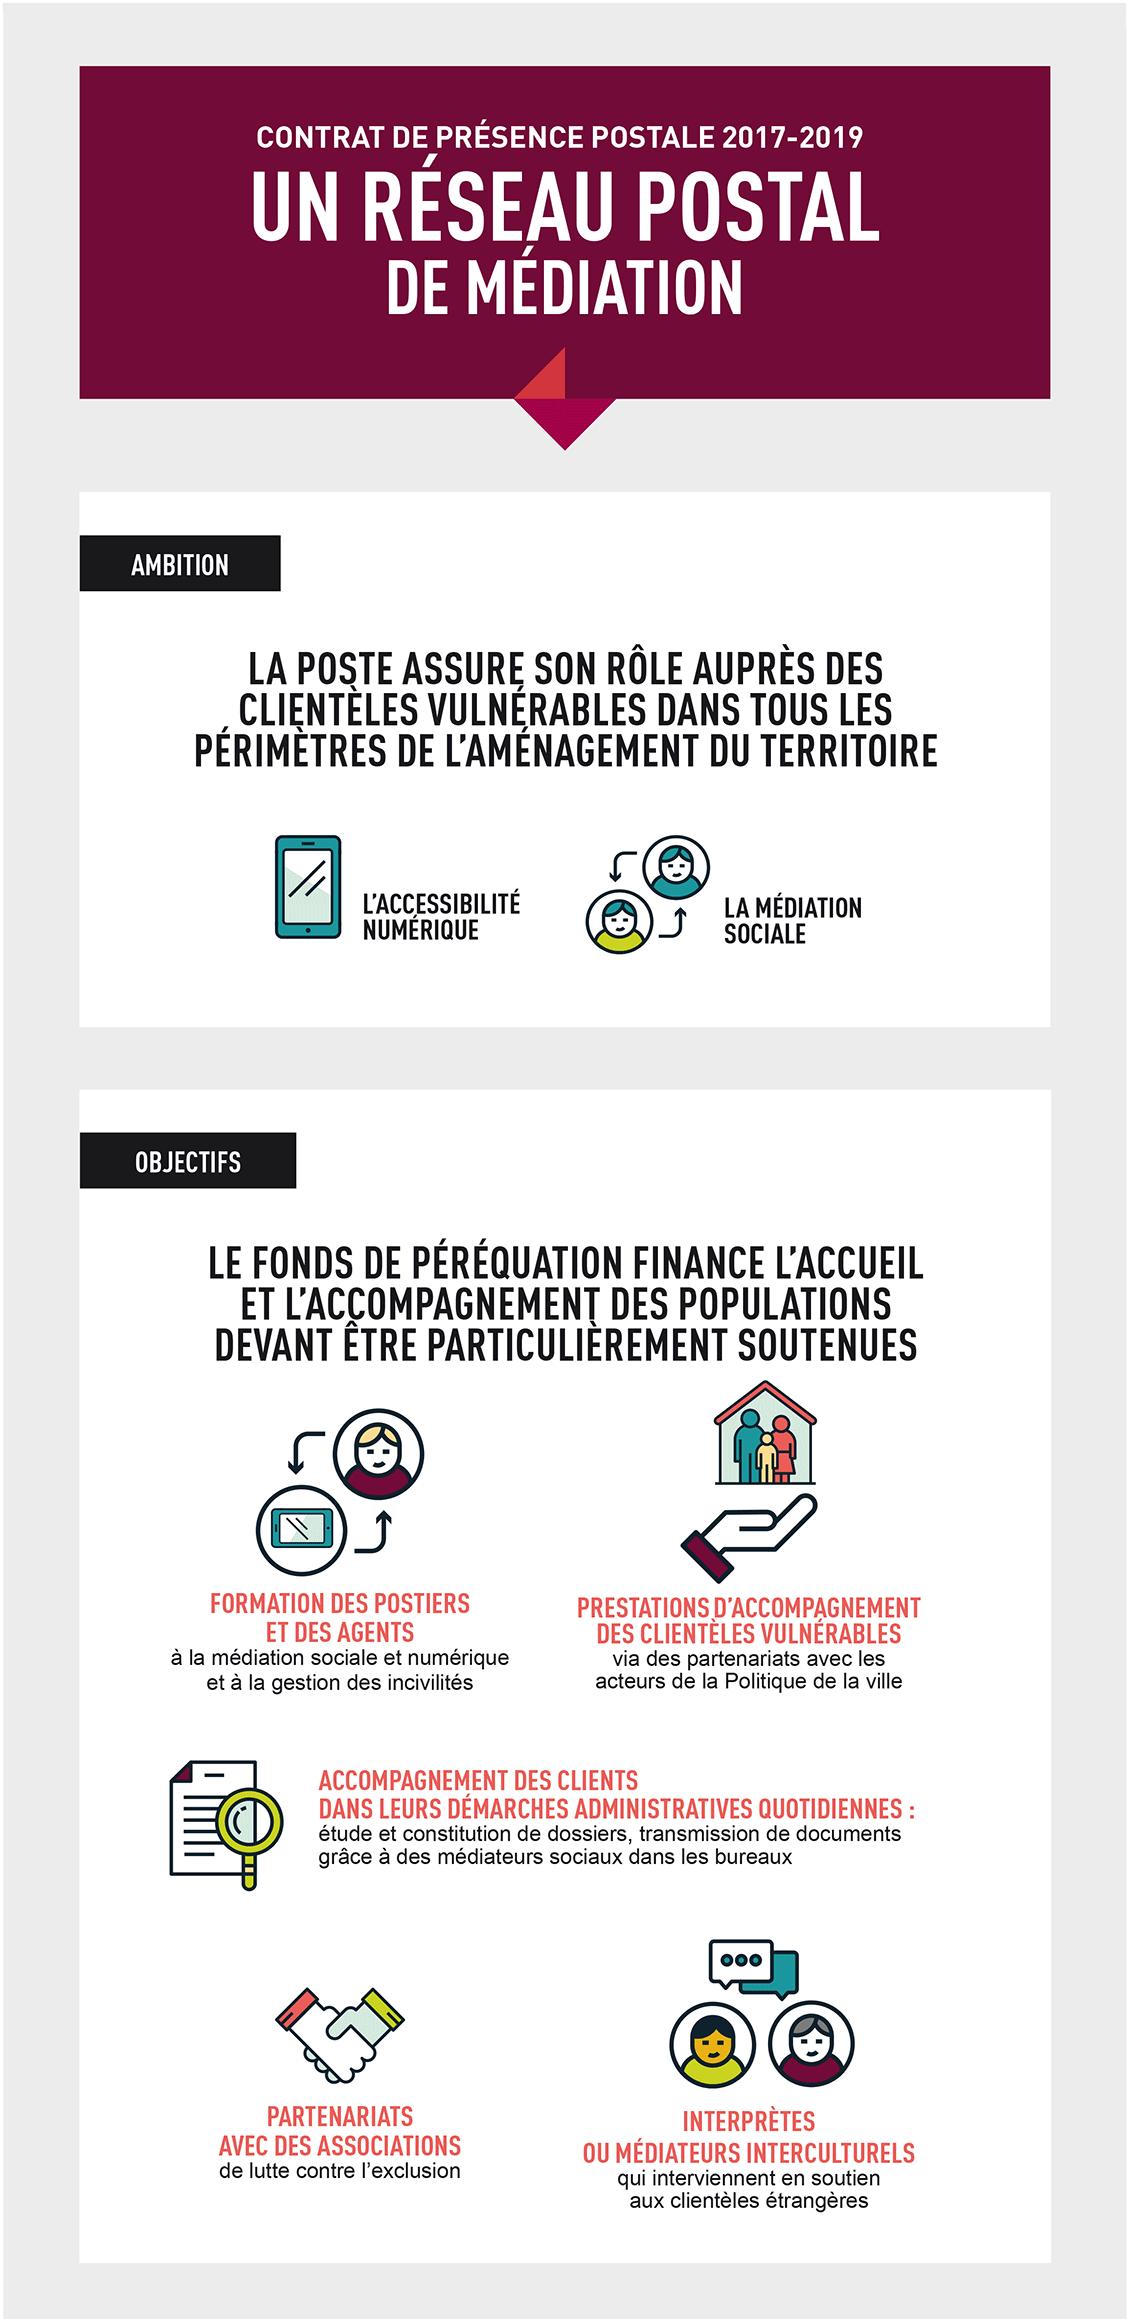 Infographie qui présente l'ambition et les ojectifs du contrat de présence postale 2017-2019